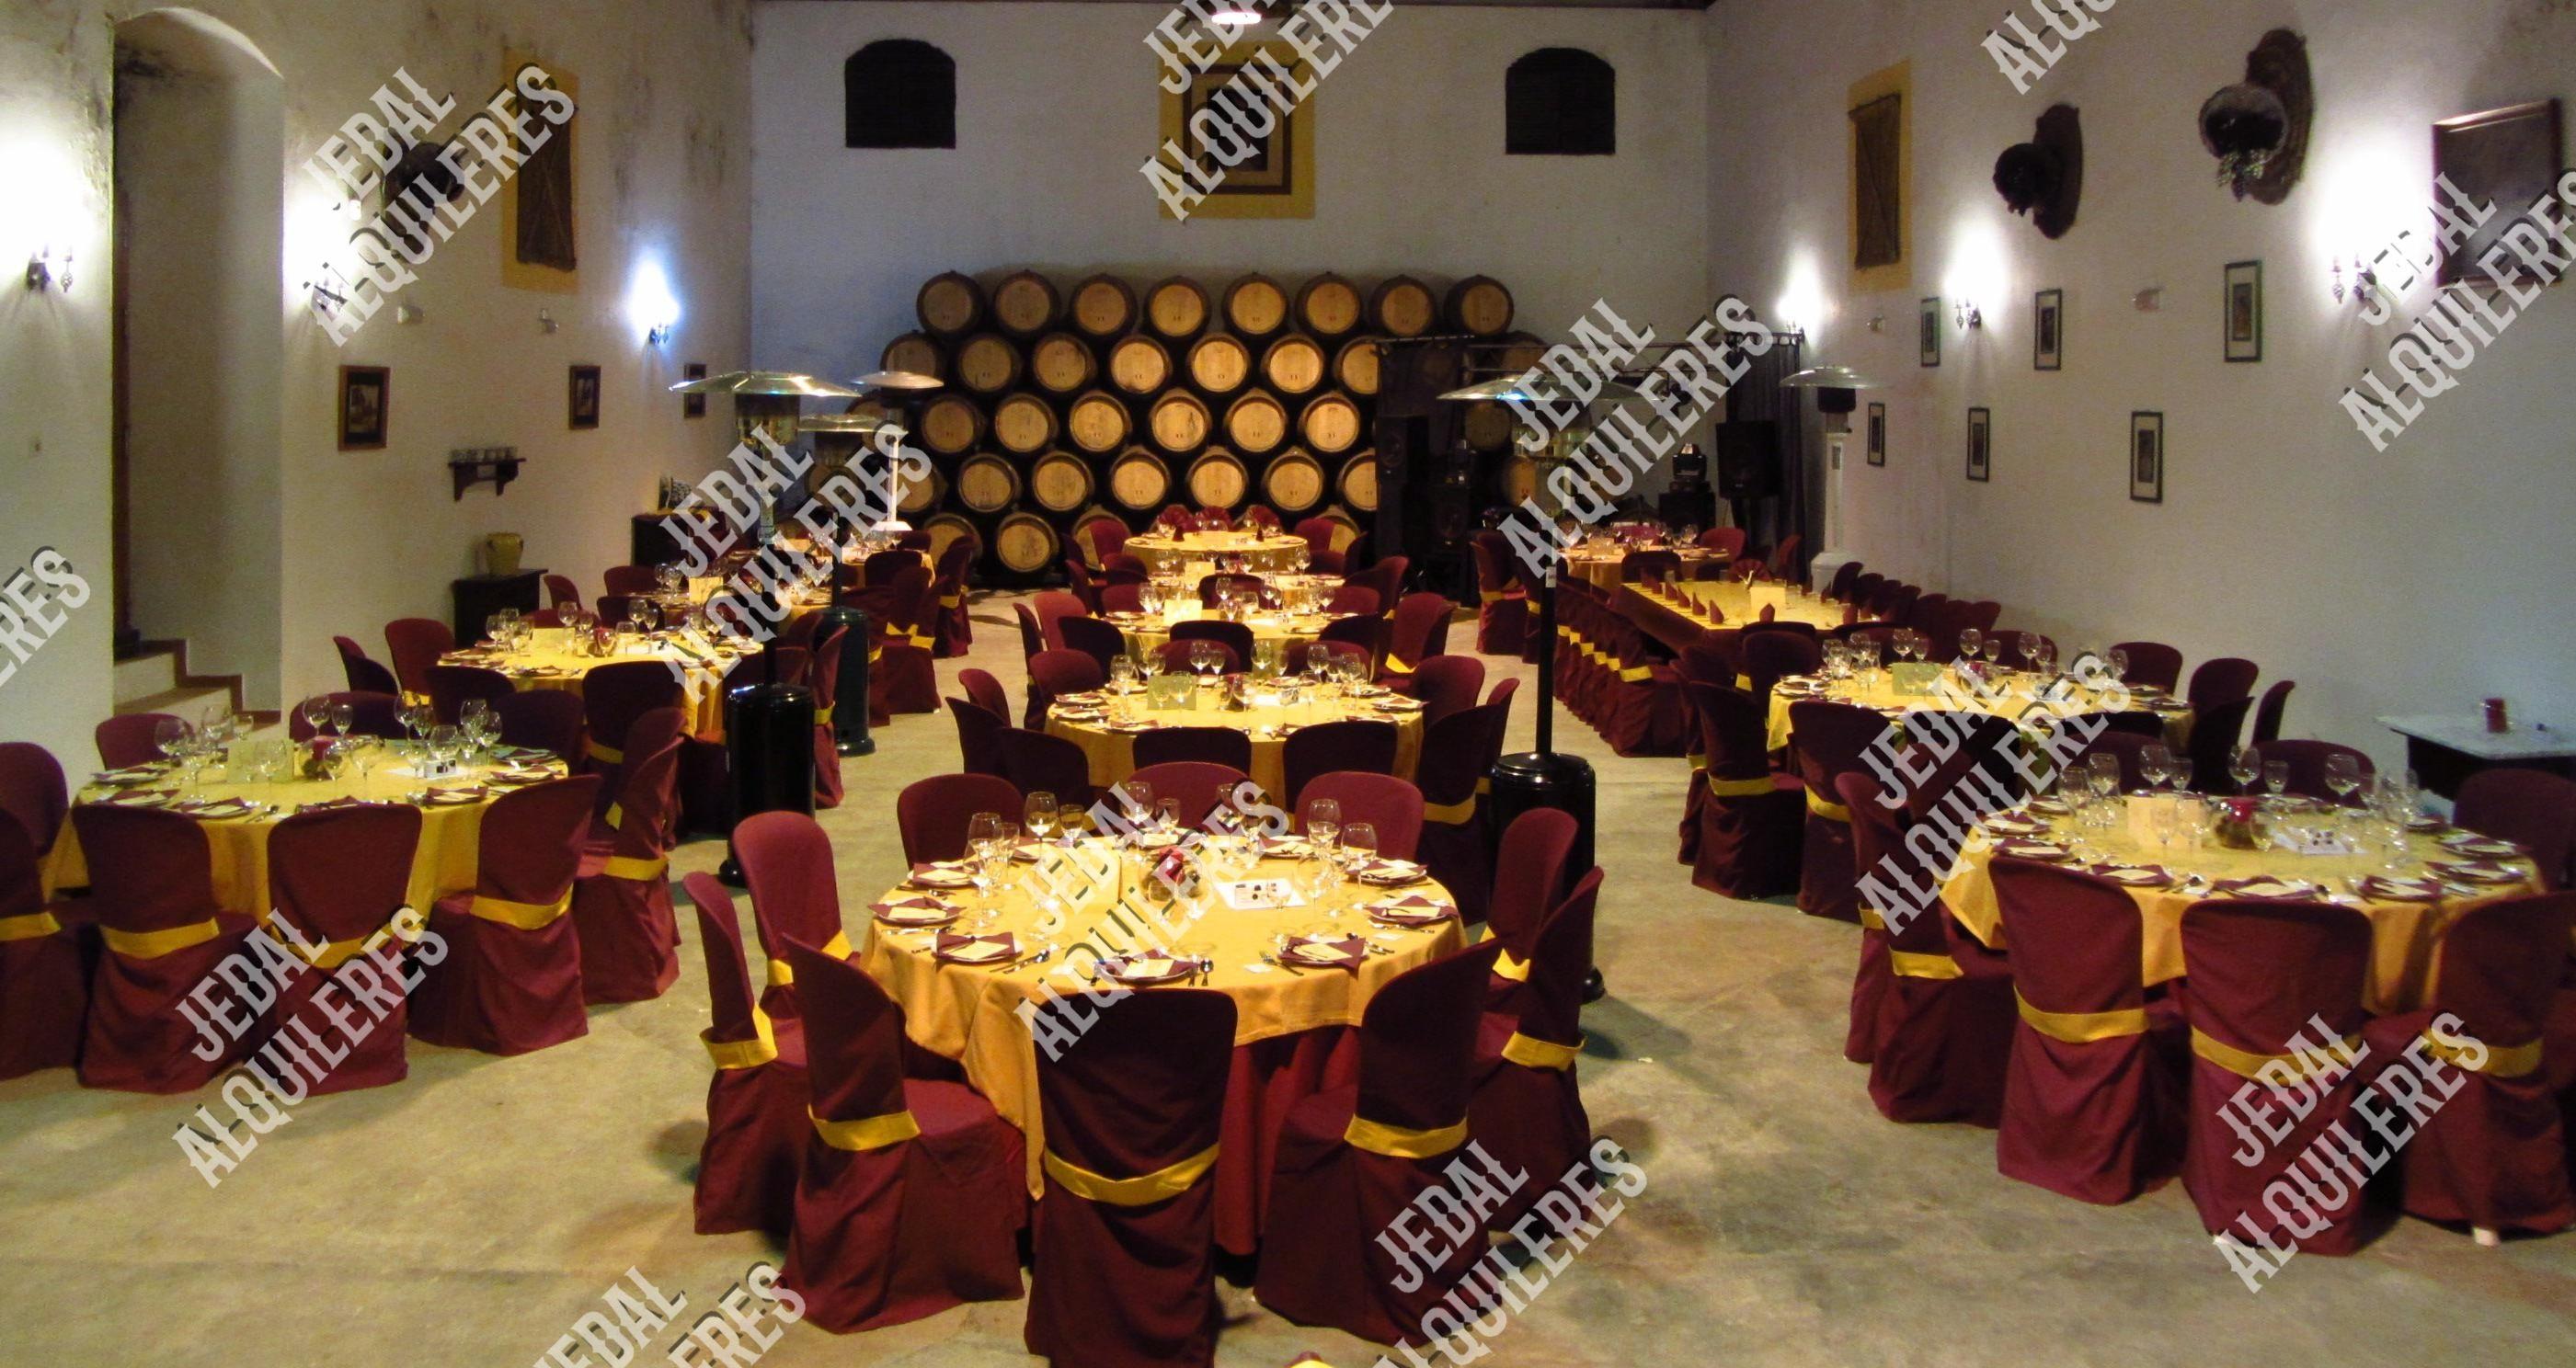 Alquileres de sillas y mesas para eventos en Jerez de la Frontera